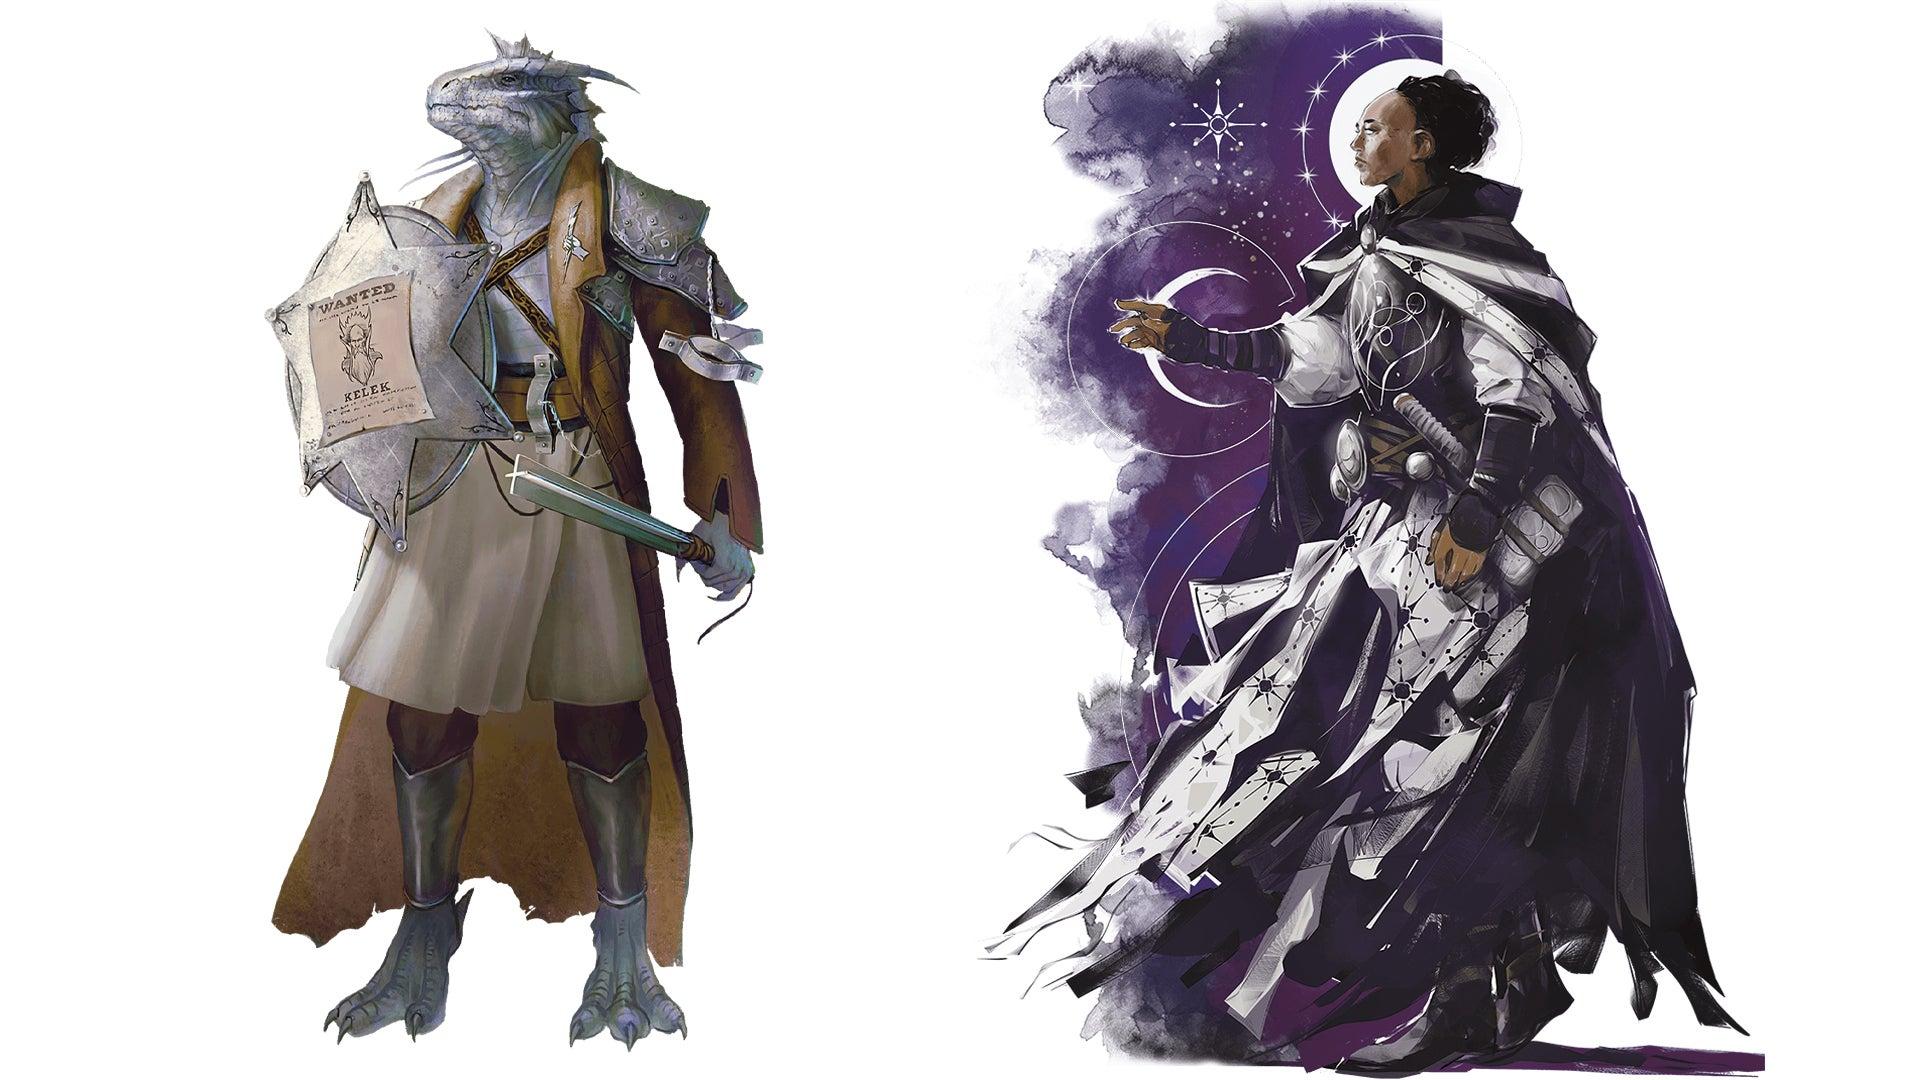 D&D Cleric images 2